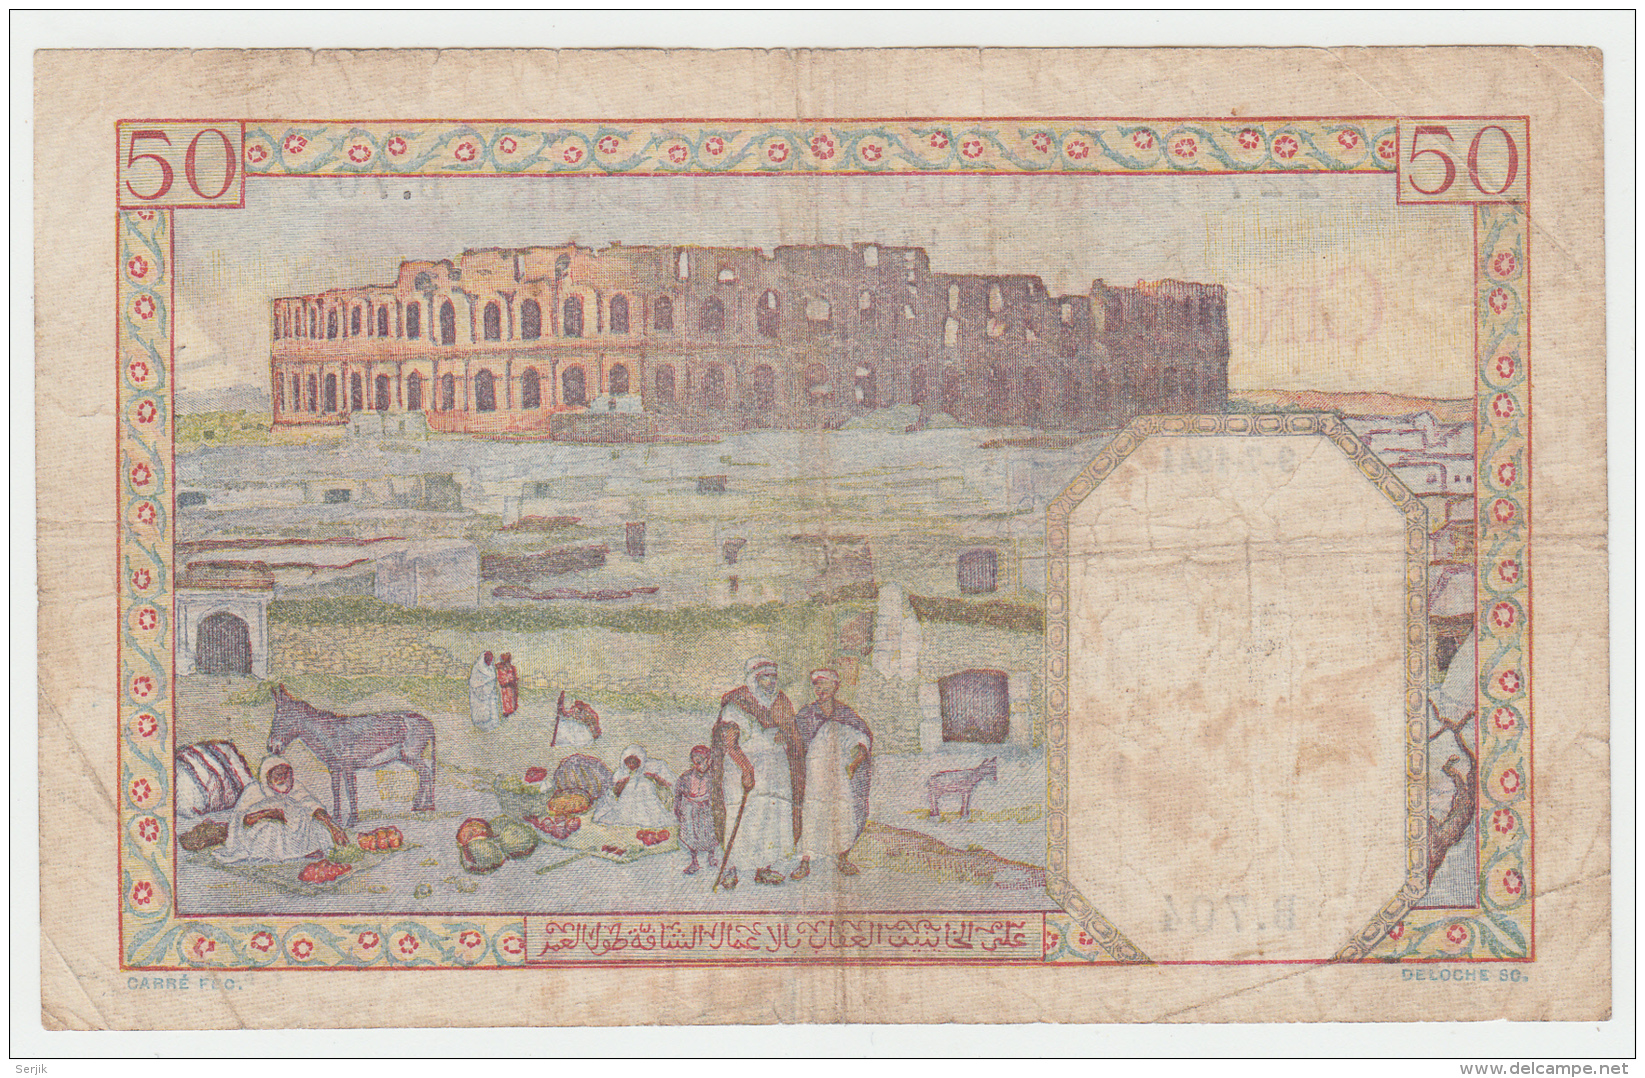 Tunisia Tunisie 50 Francs 1941 VG Pick 12 - Tunisie